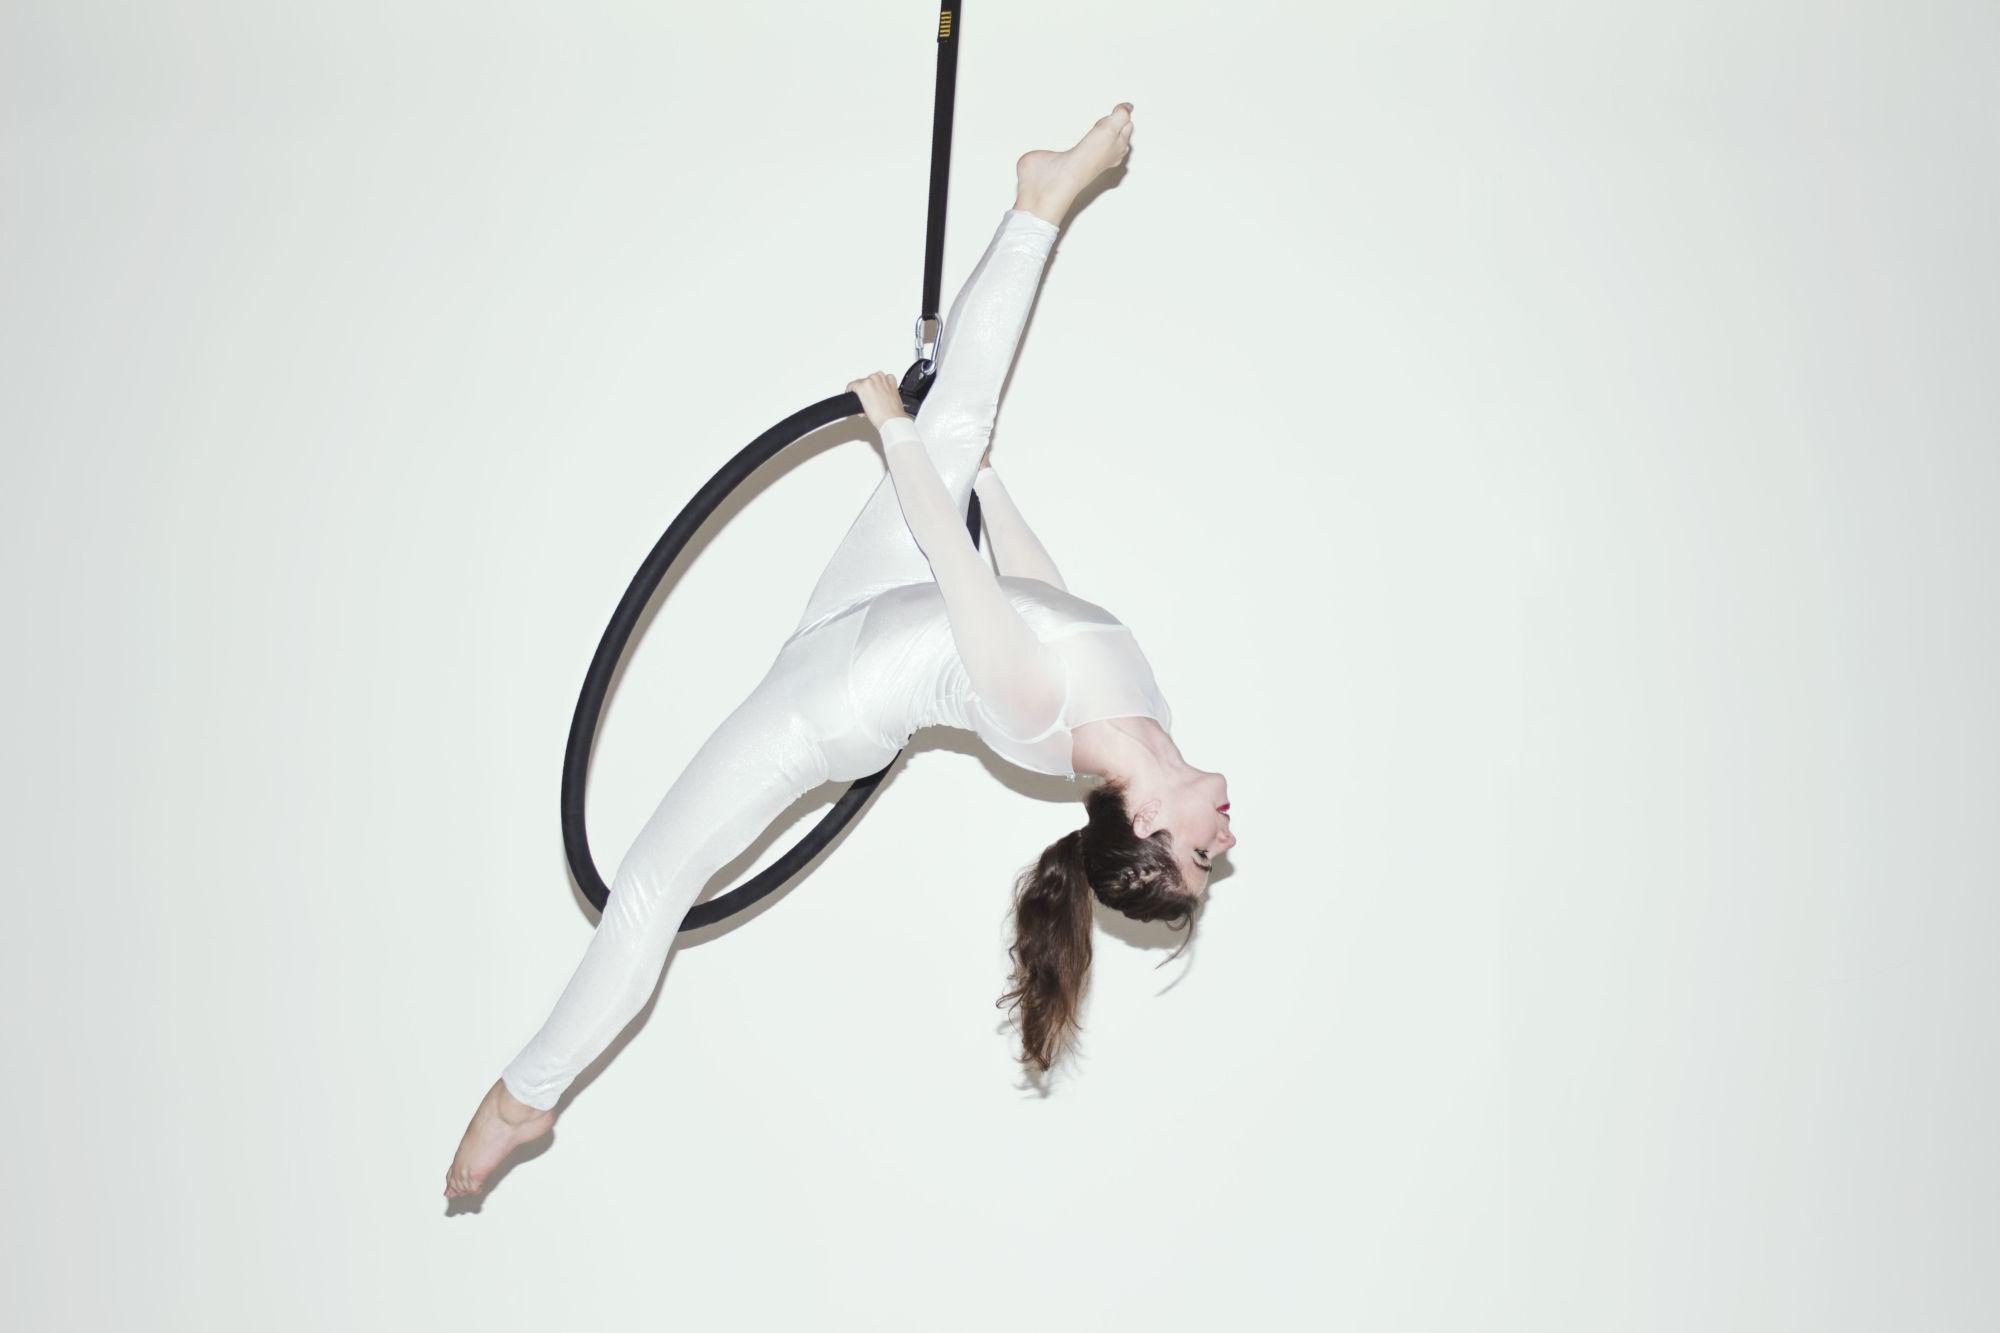 Akrobatické vystoupení - Aerial hoop - Rinas Company